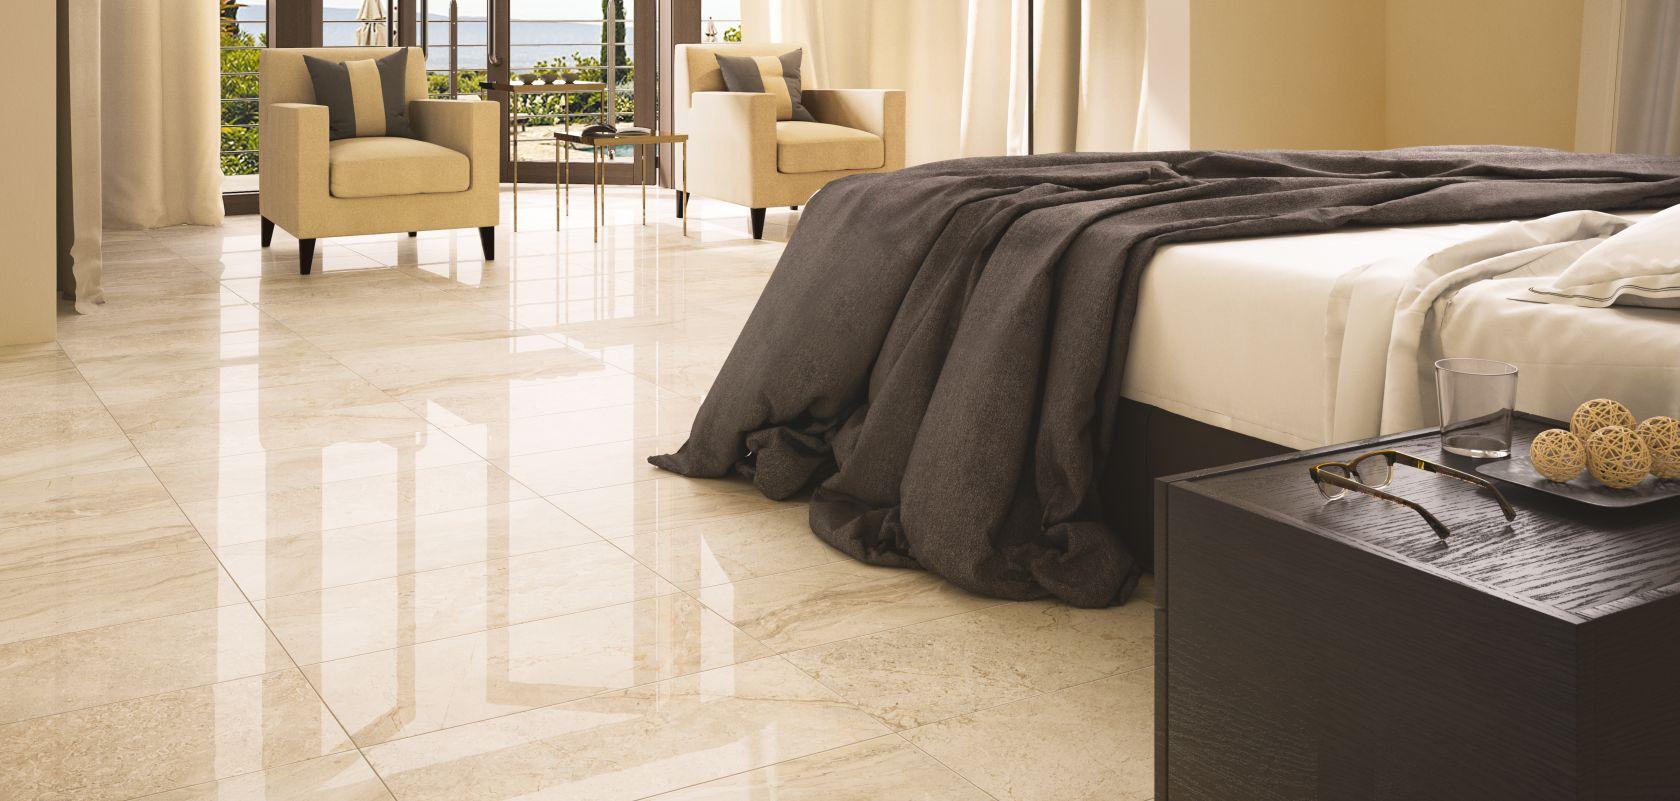 Плитка из керамогранита на полу спальни